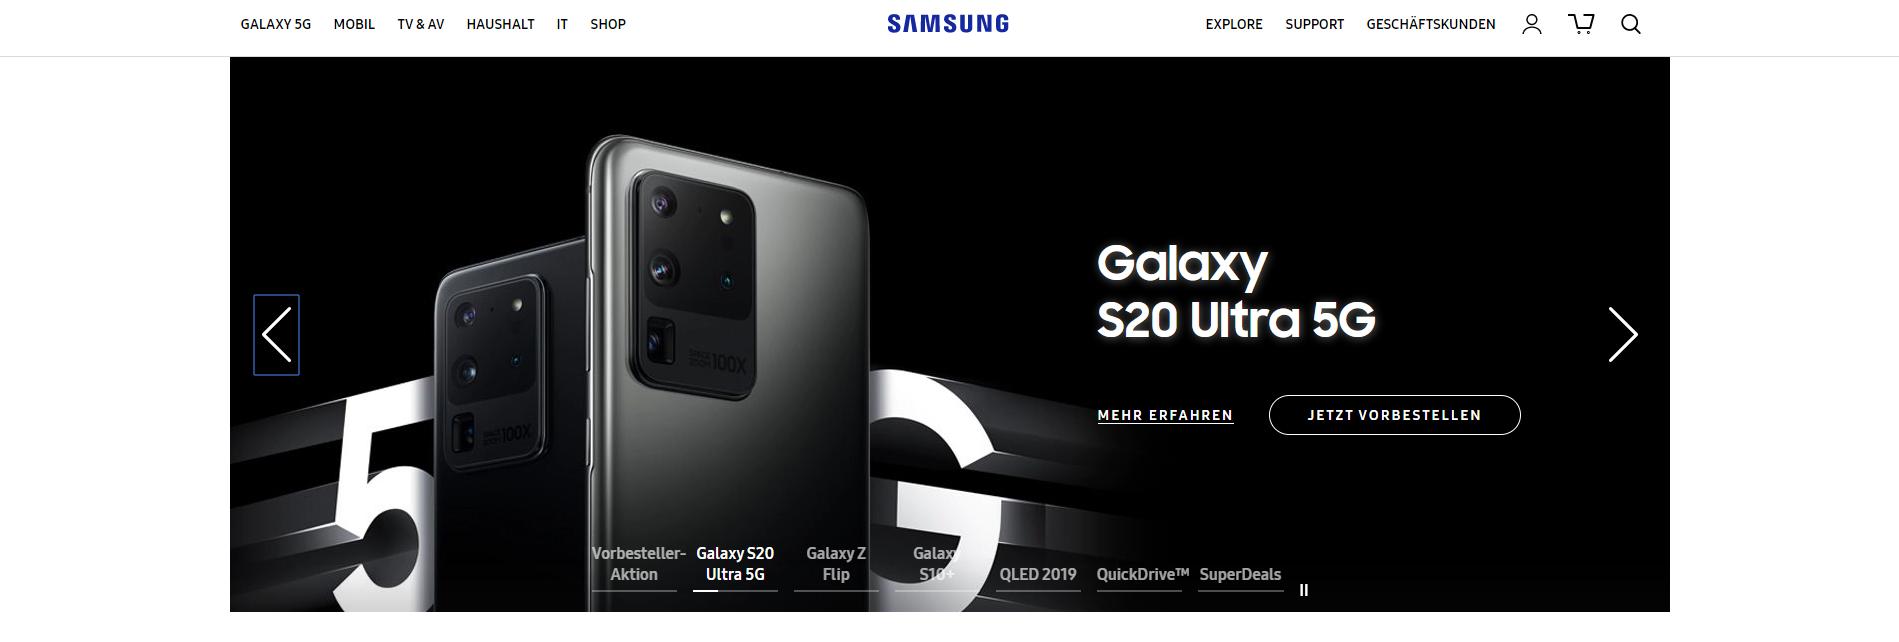 Slider von Samsung, Beispiel der OnlineMarketing Heads